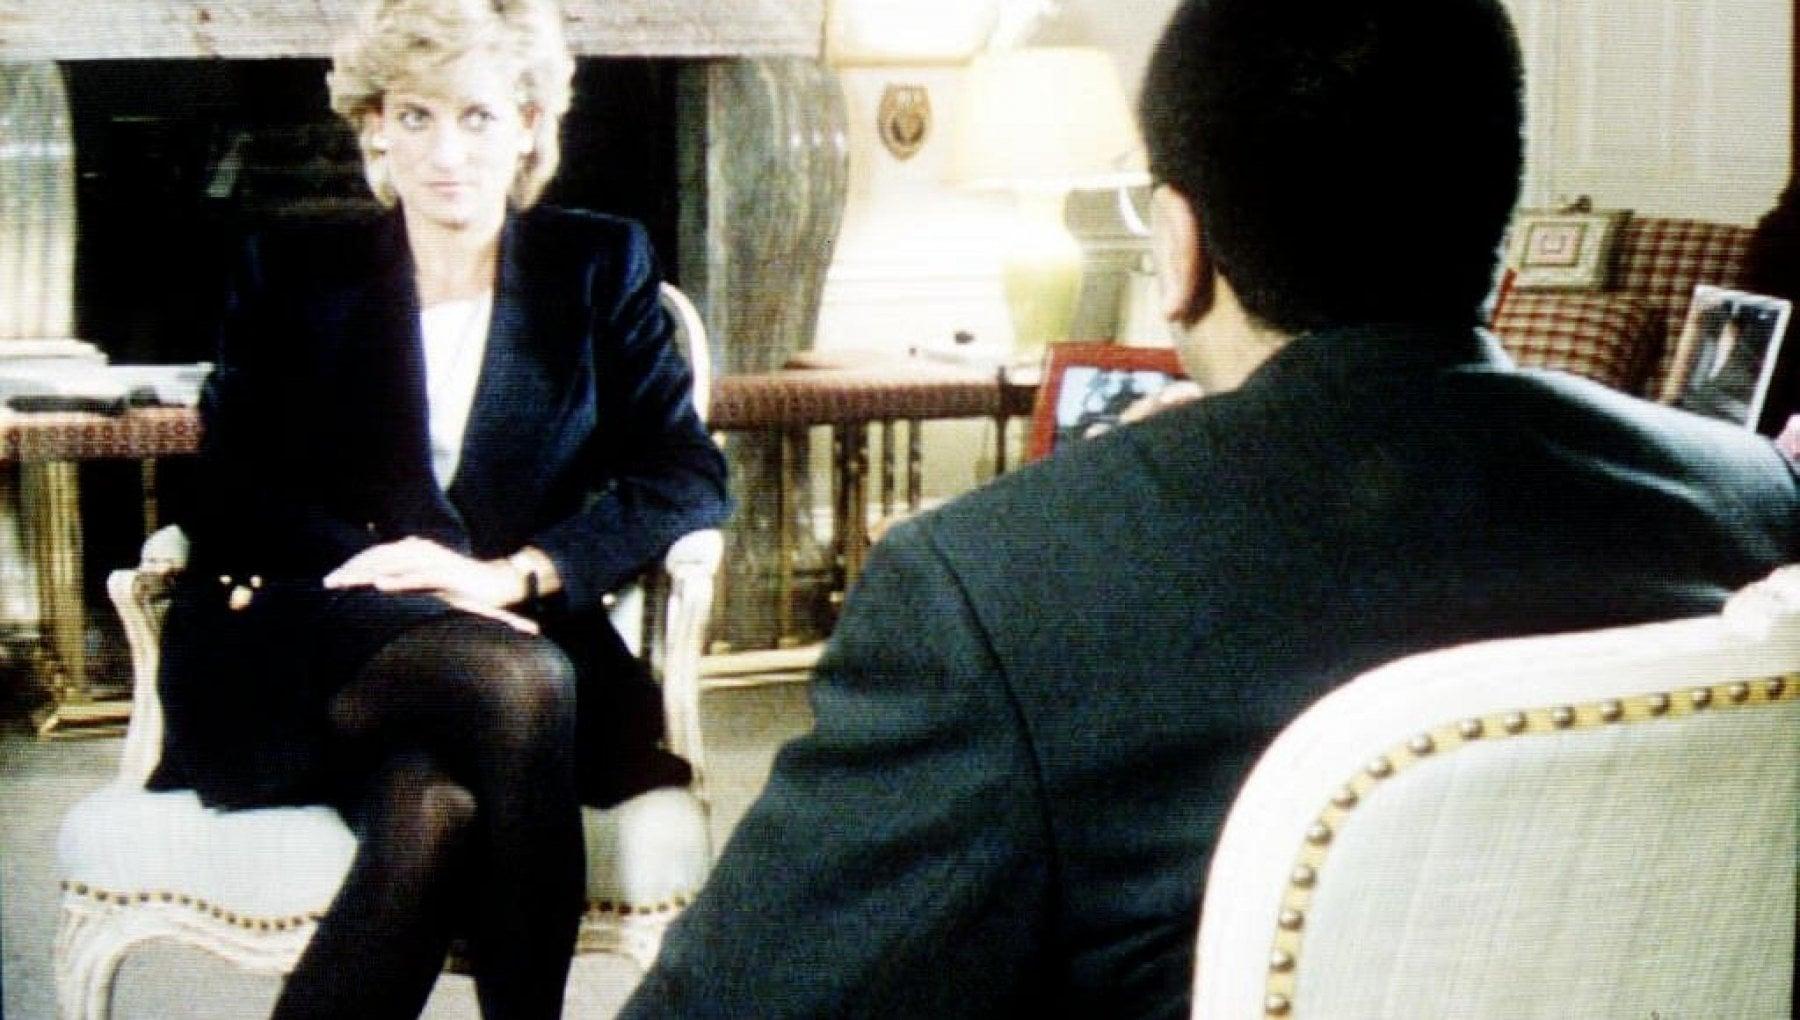 """115257893 2516ed41 1452 490b 9a2a 7b6c74d5a815 - Il giornalista sotto accusa per l'intervista dello scandalo di Bbc a Diana: """"Mi scuso con William ed Harry, ma non danneggiai la principessa"""""""